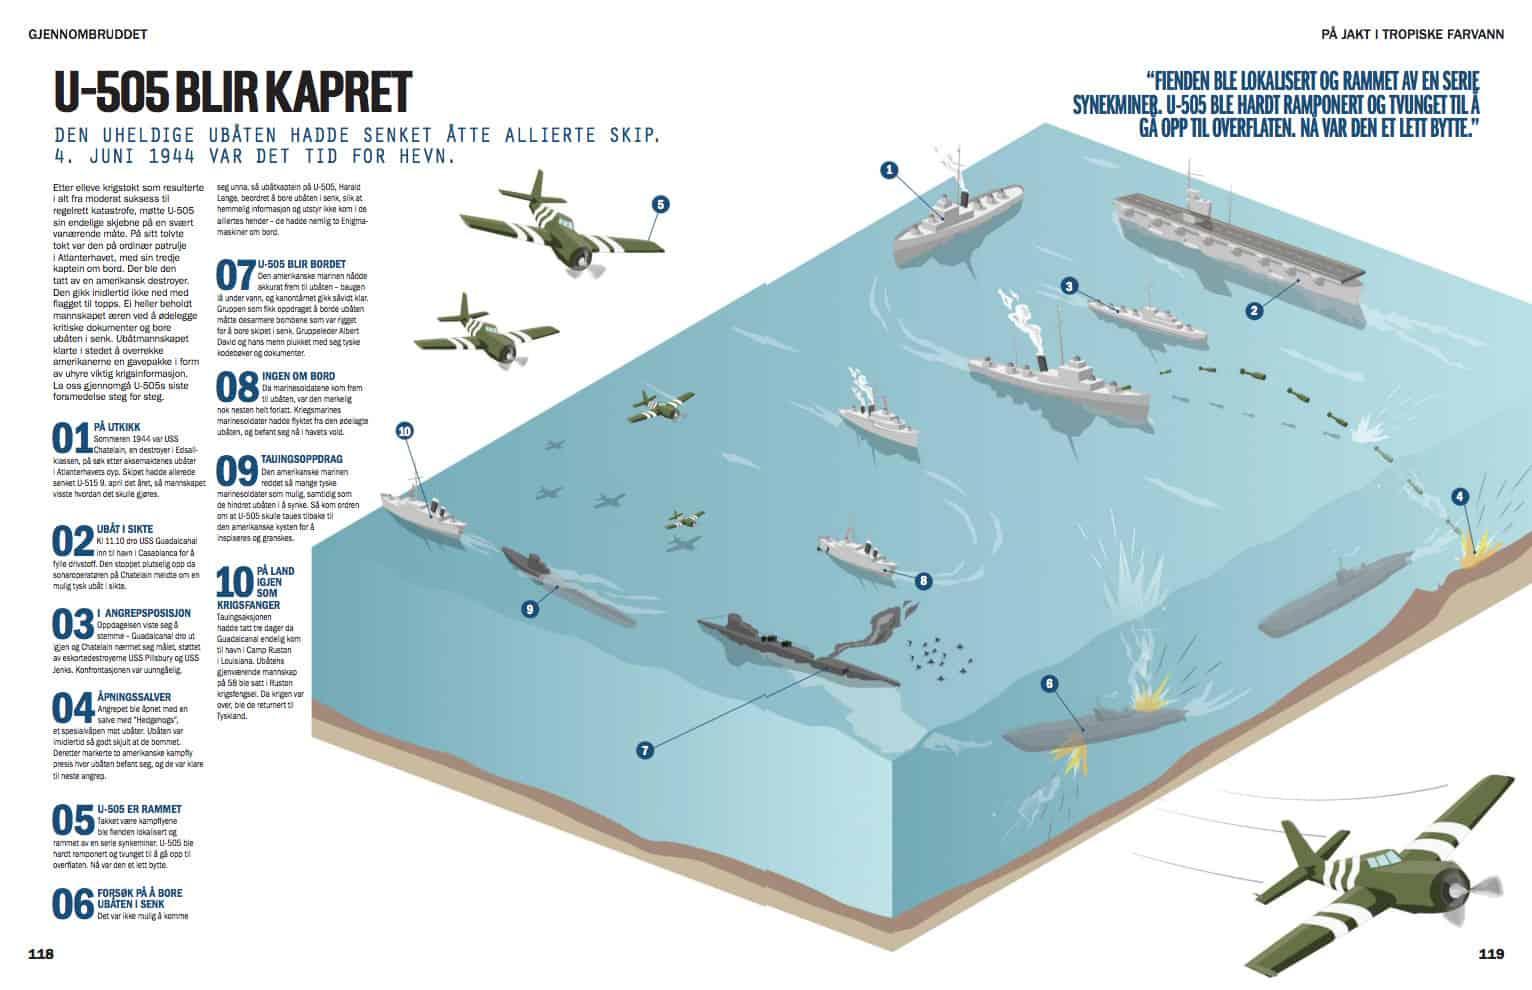 På jakt i tropiske farvann, oppslag